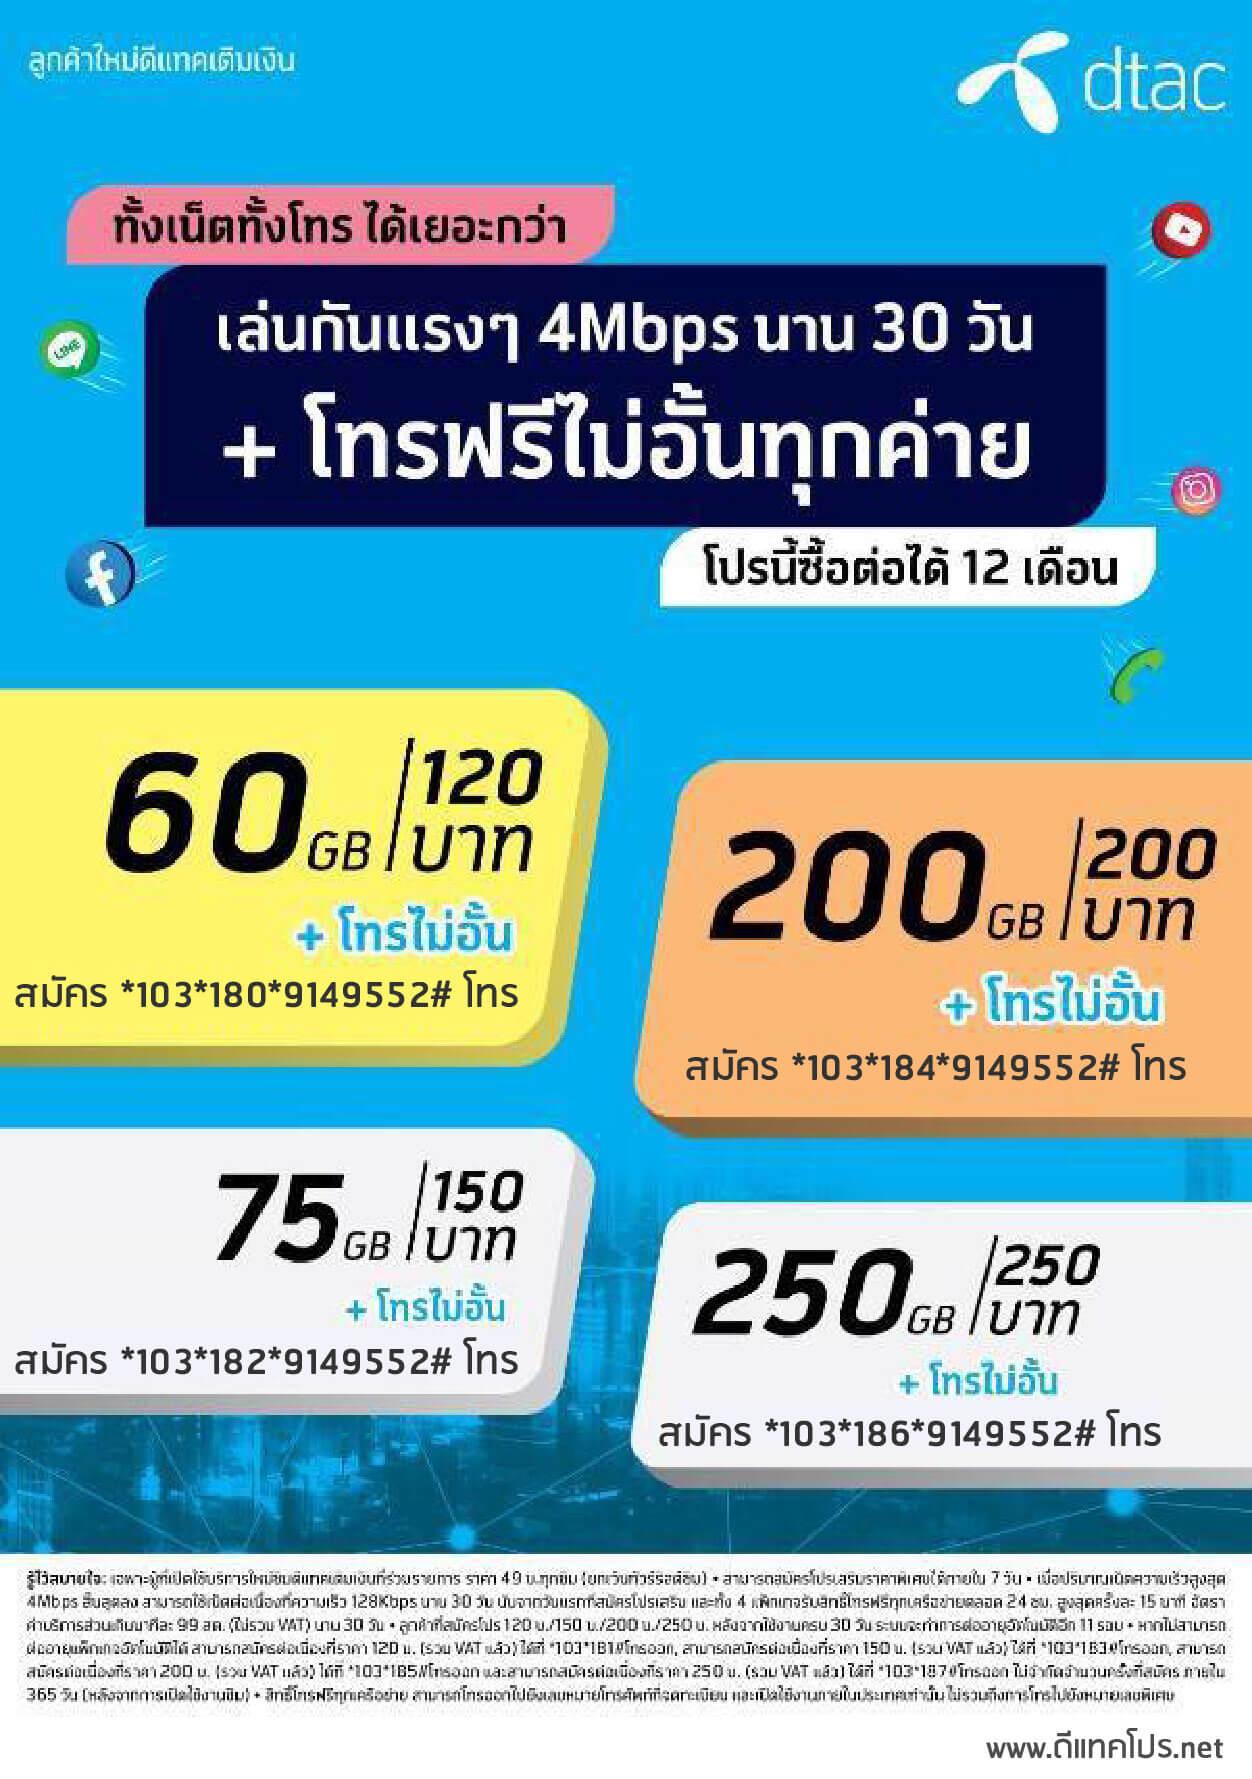 โปรเน็ตซิมใหม่ Dtac เติมเงิน ซื้อซิม กดสมัครใน 7 วัน